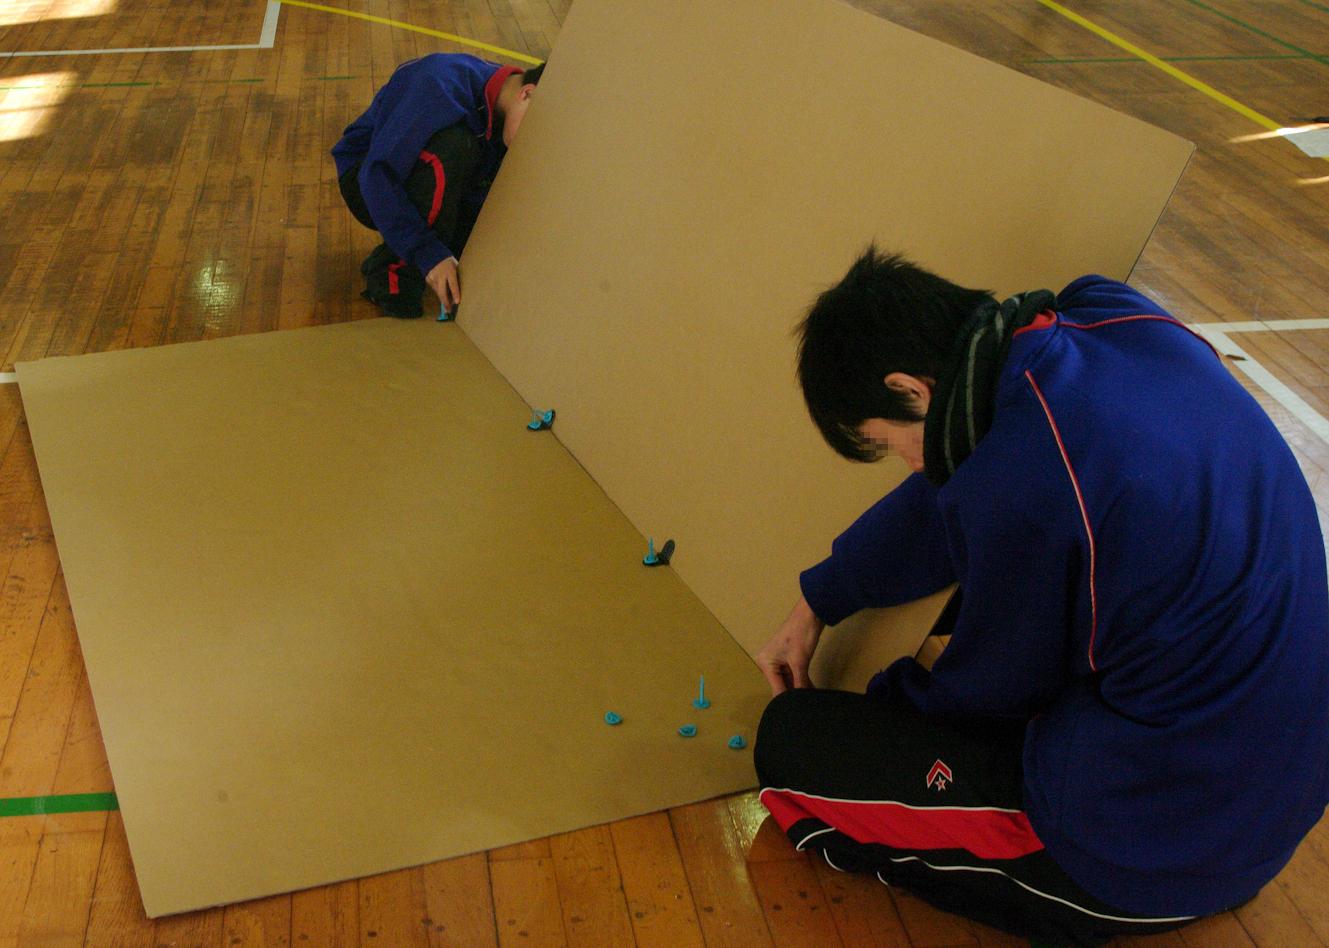 町内会の防災訓練で、災害時に役立つダンボール工作ワークショップをやりました。